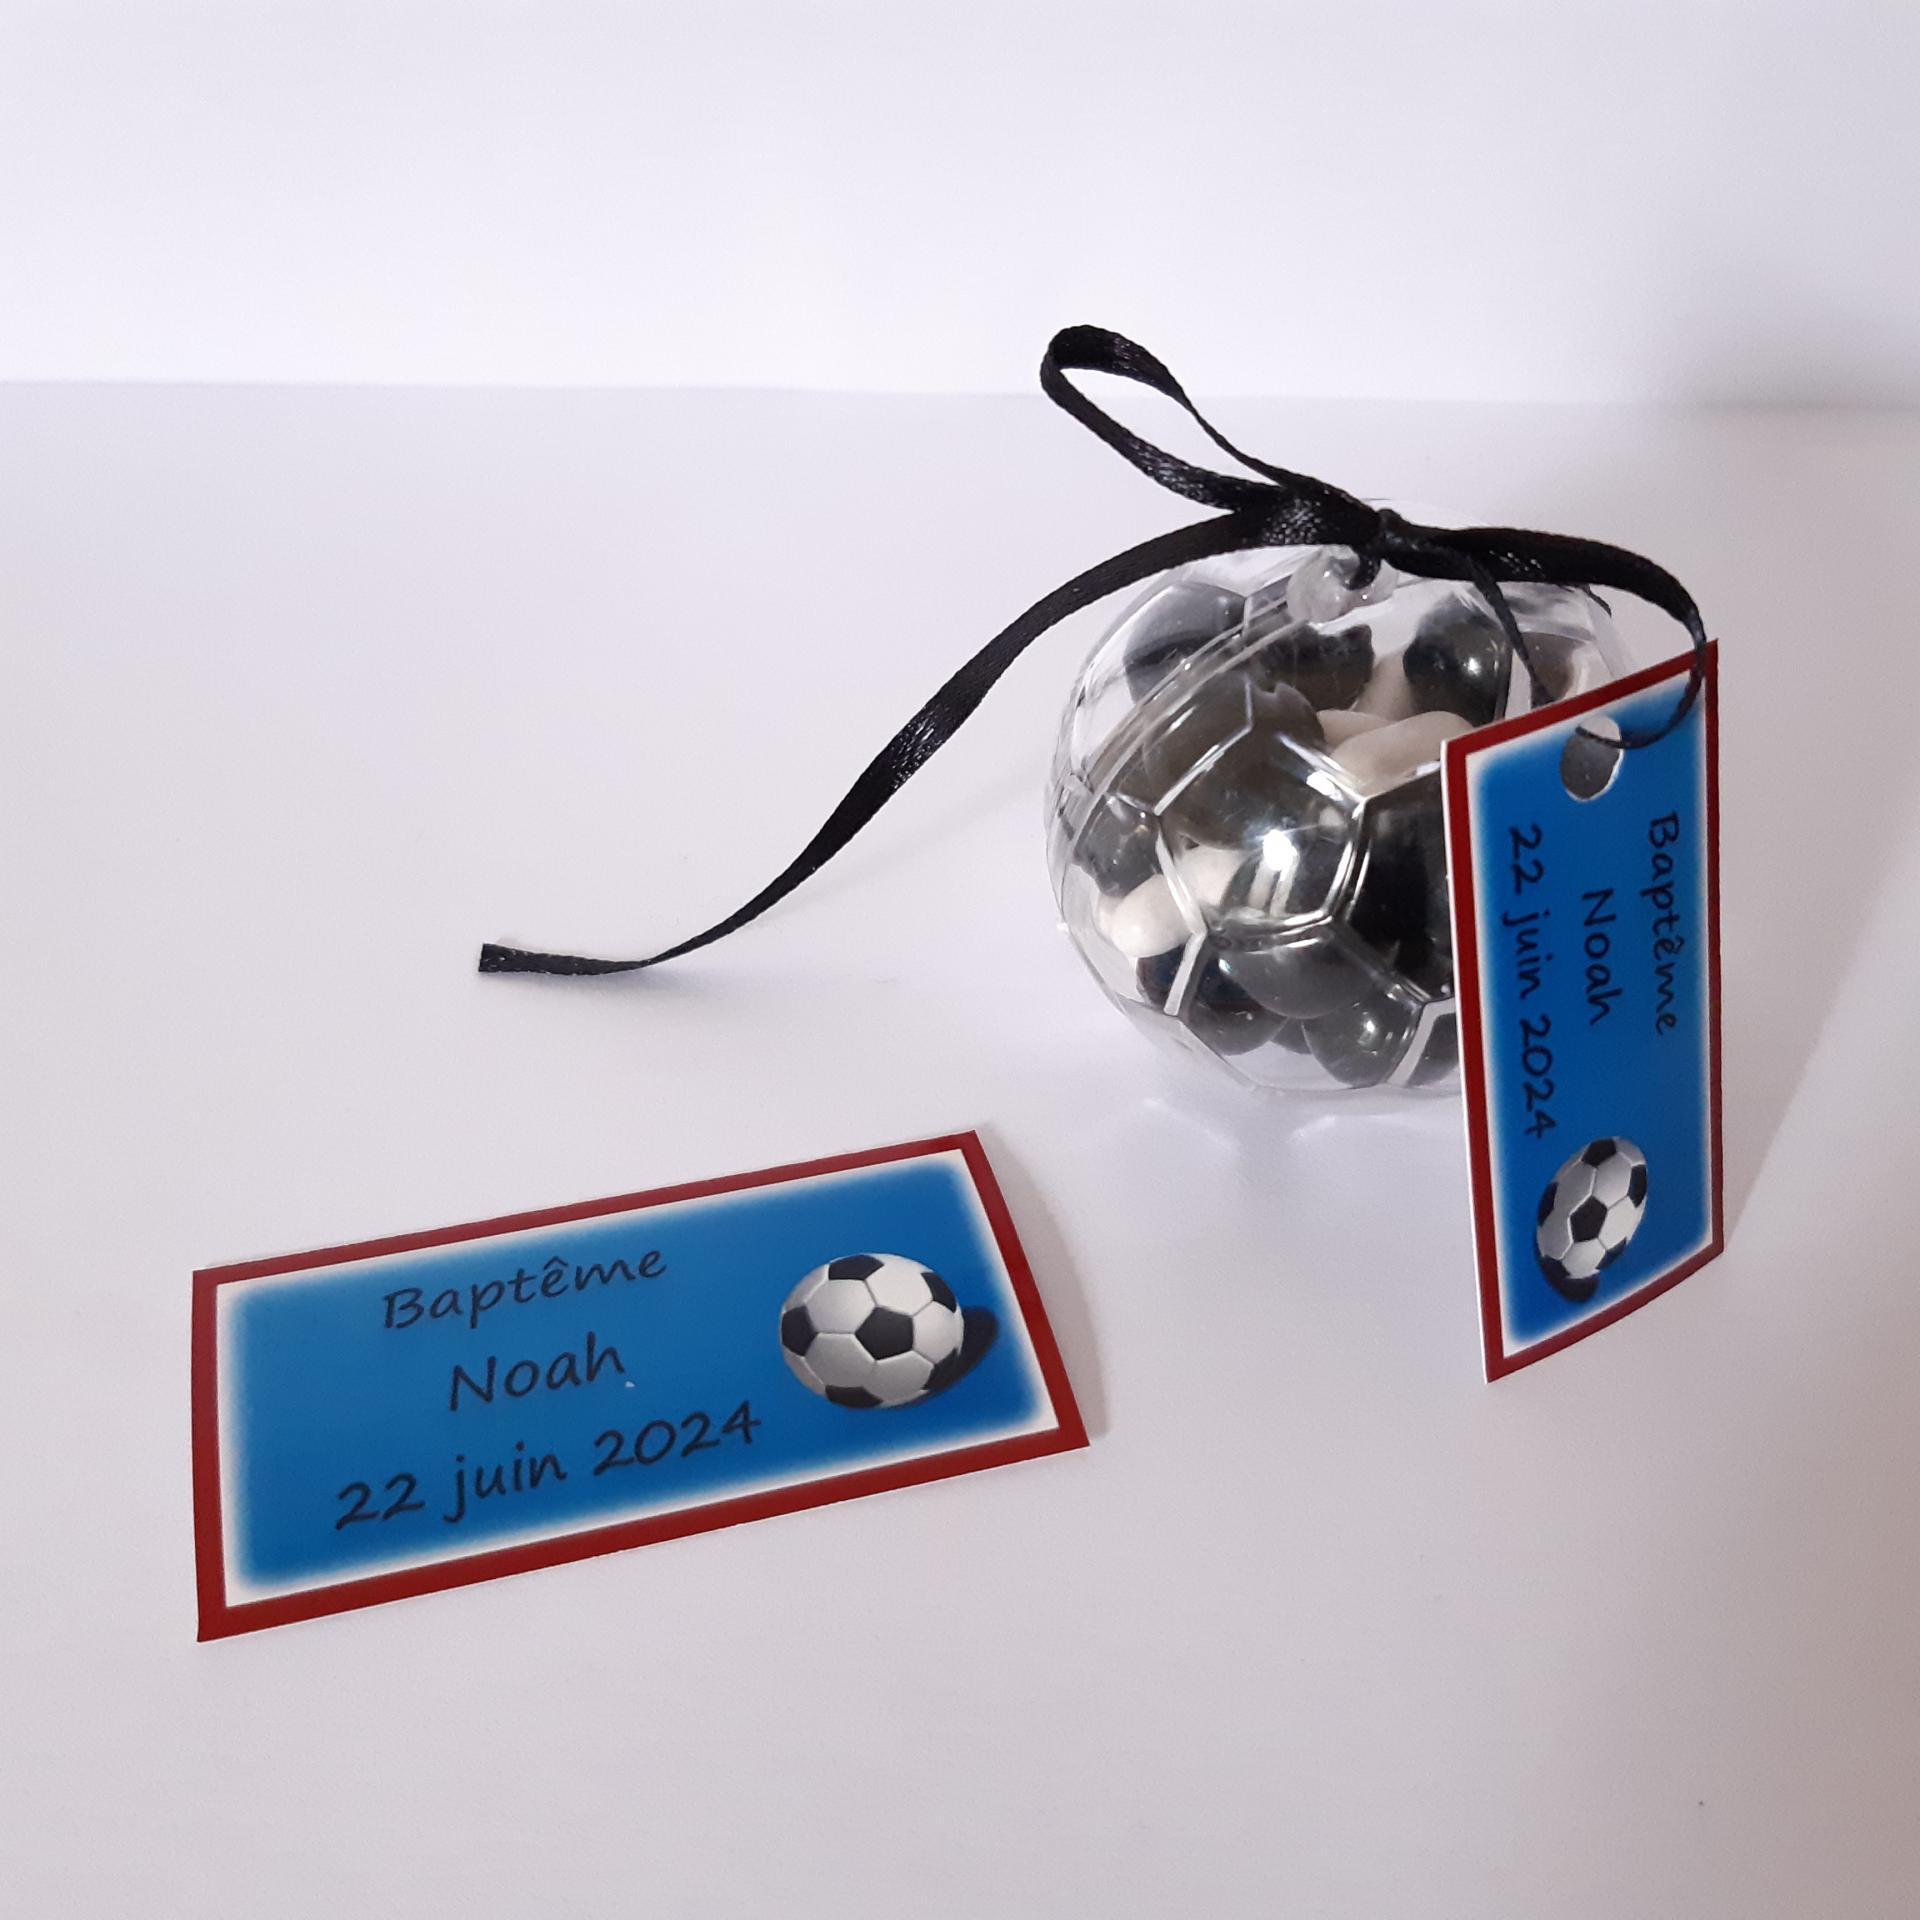 boite ronde en plastique en ballon de foot